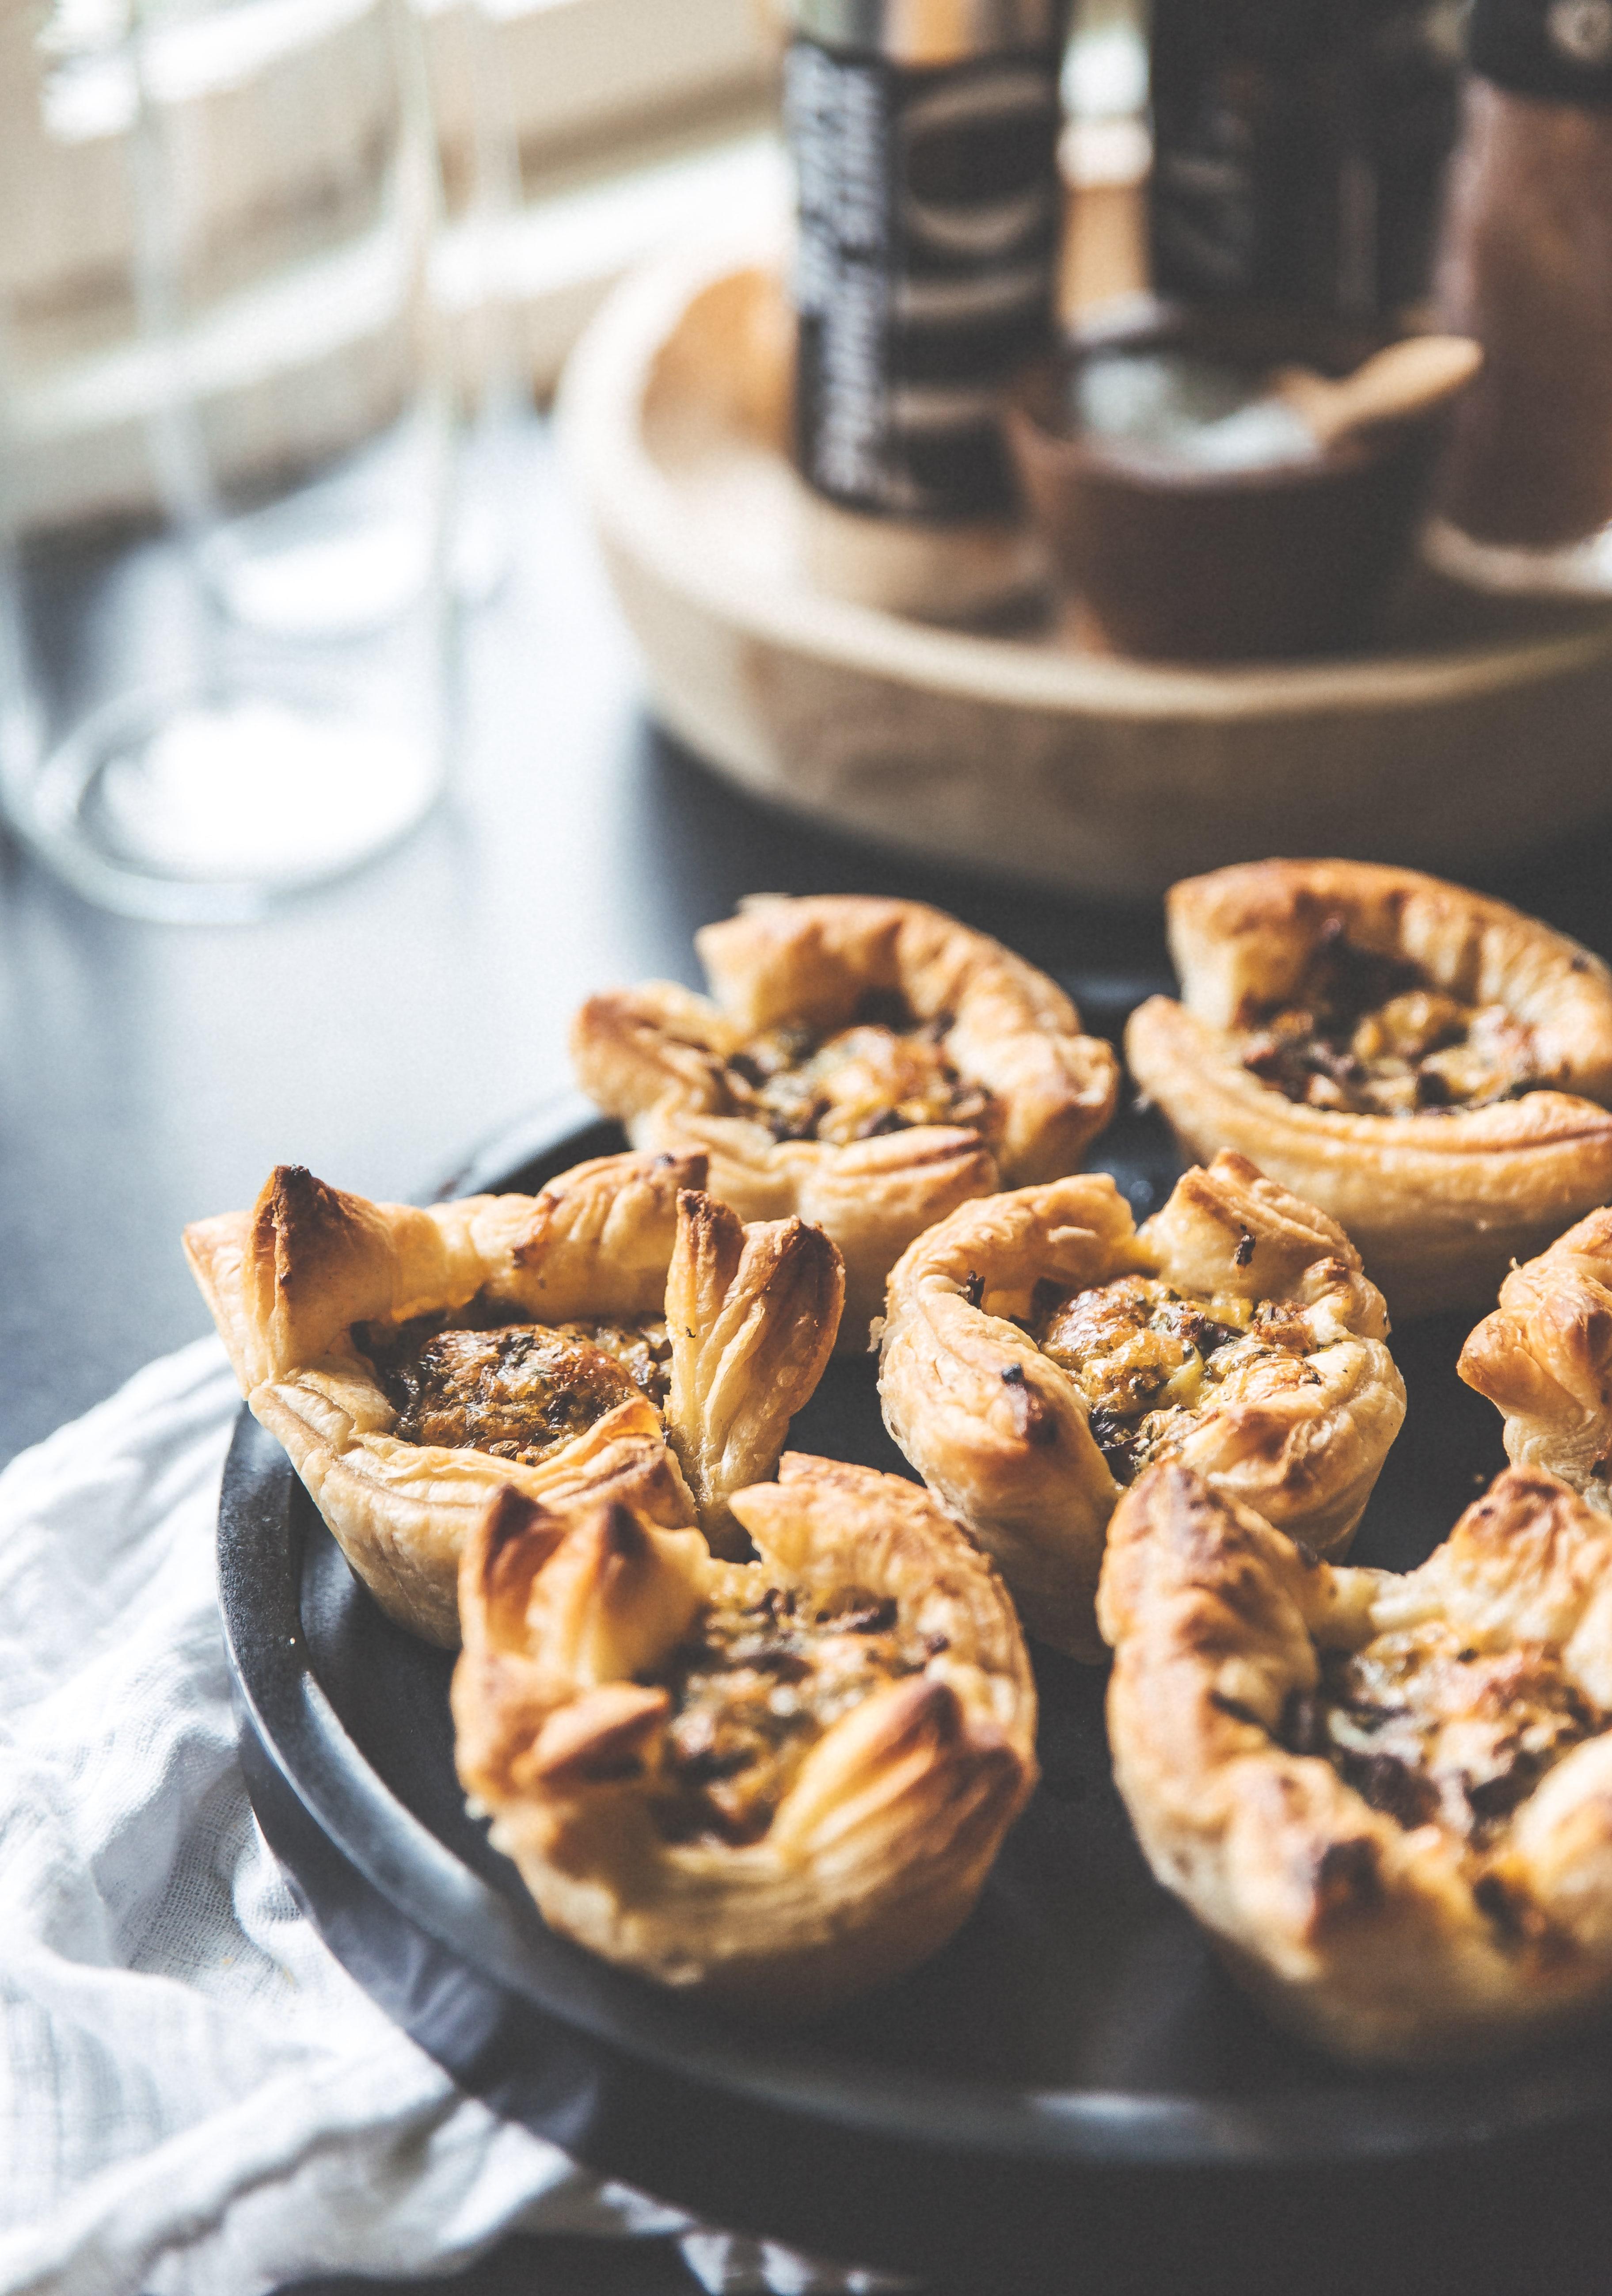 kantareller, butterdejs muffins, ost, små hapsere